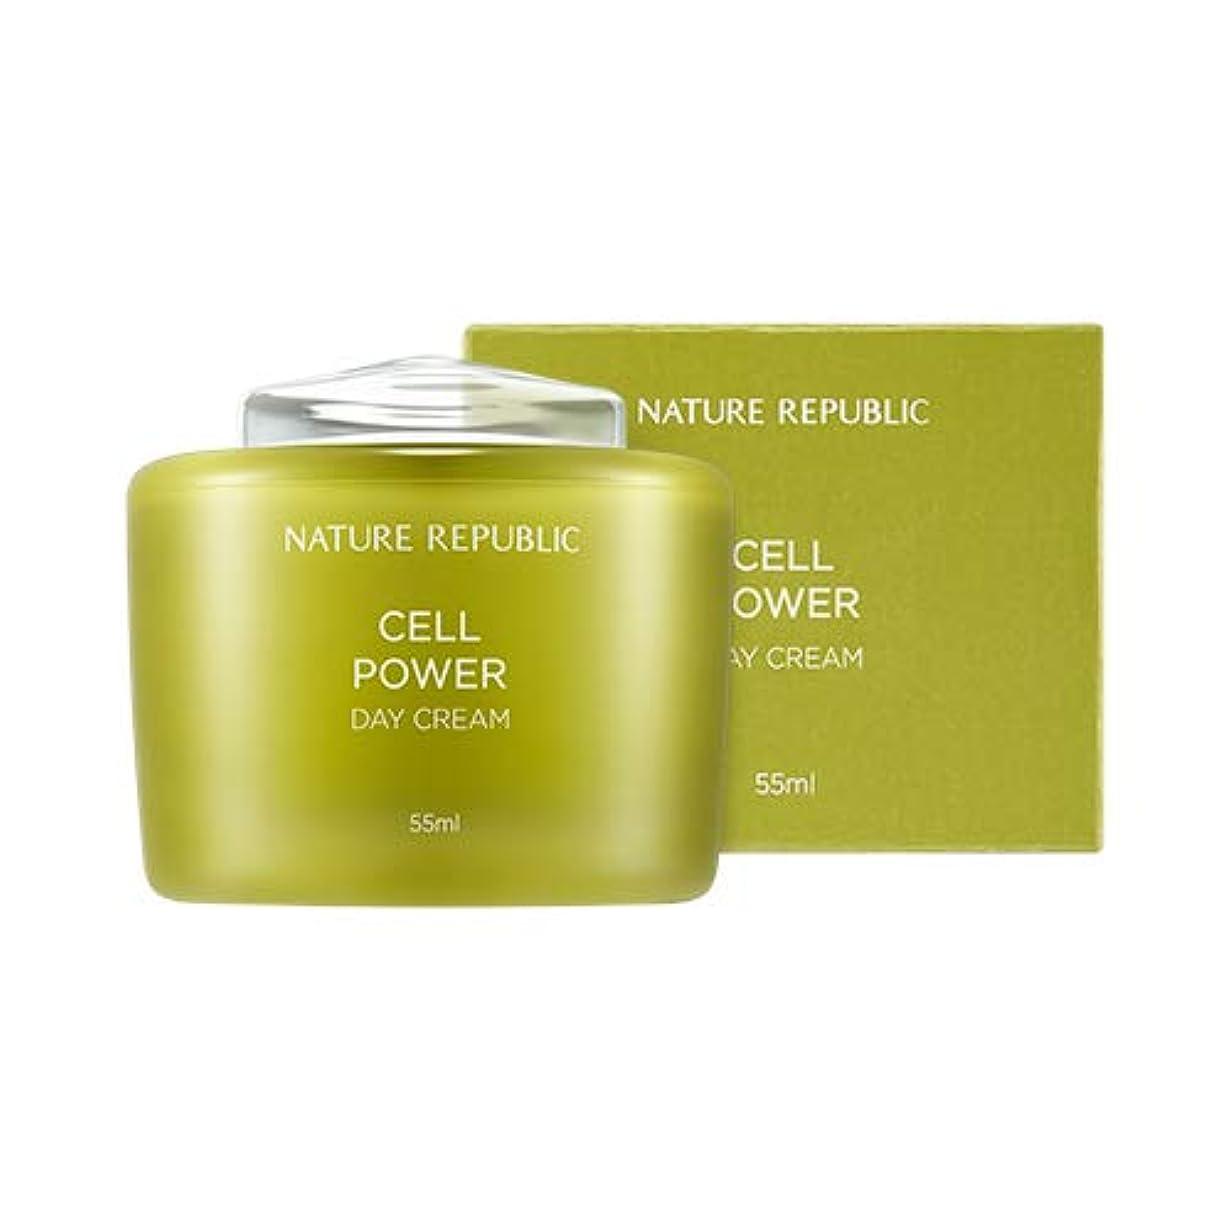 プットシンカン寂しいNATURE REPUBLIC Cell Power Day Cream/ネイチャーリパブリック セルパワー デイクリーム 55ml [並行輸入品]